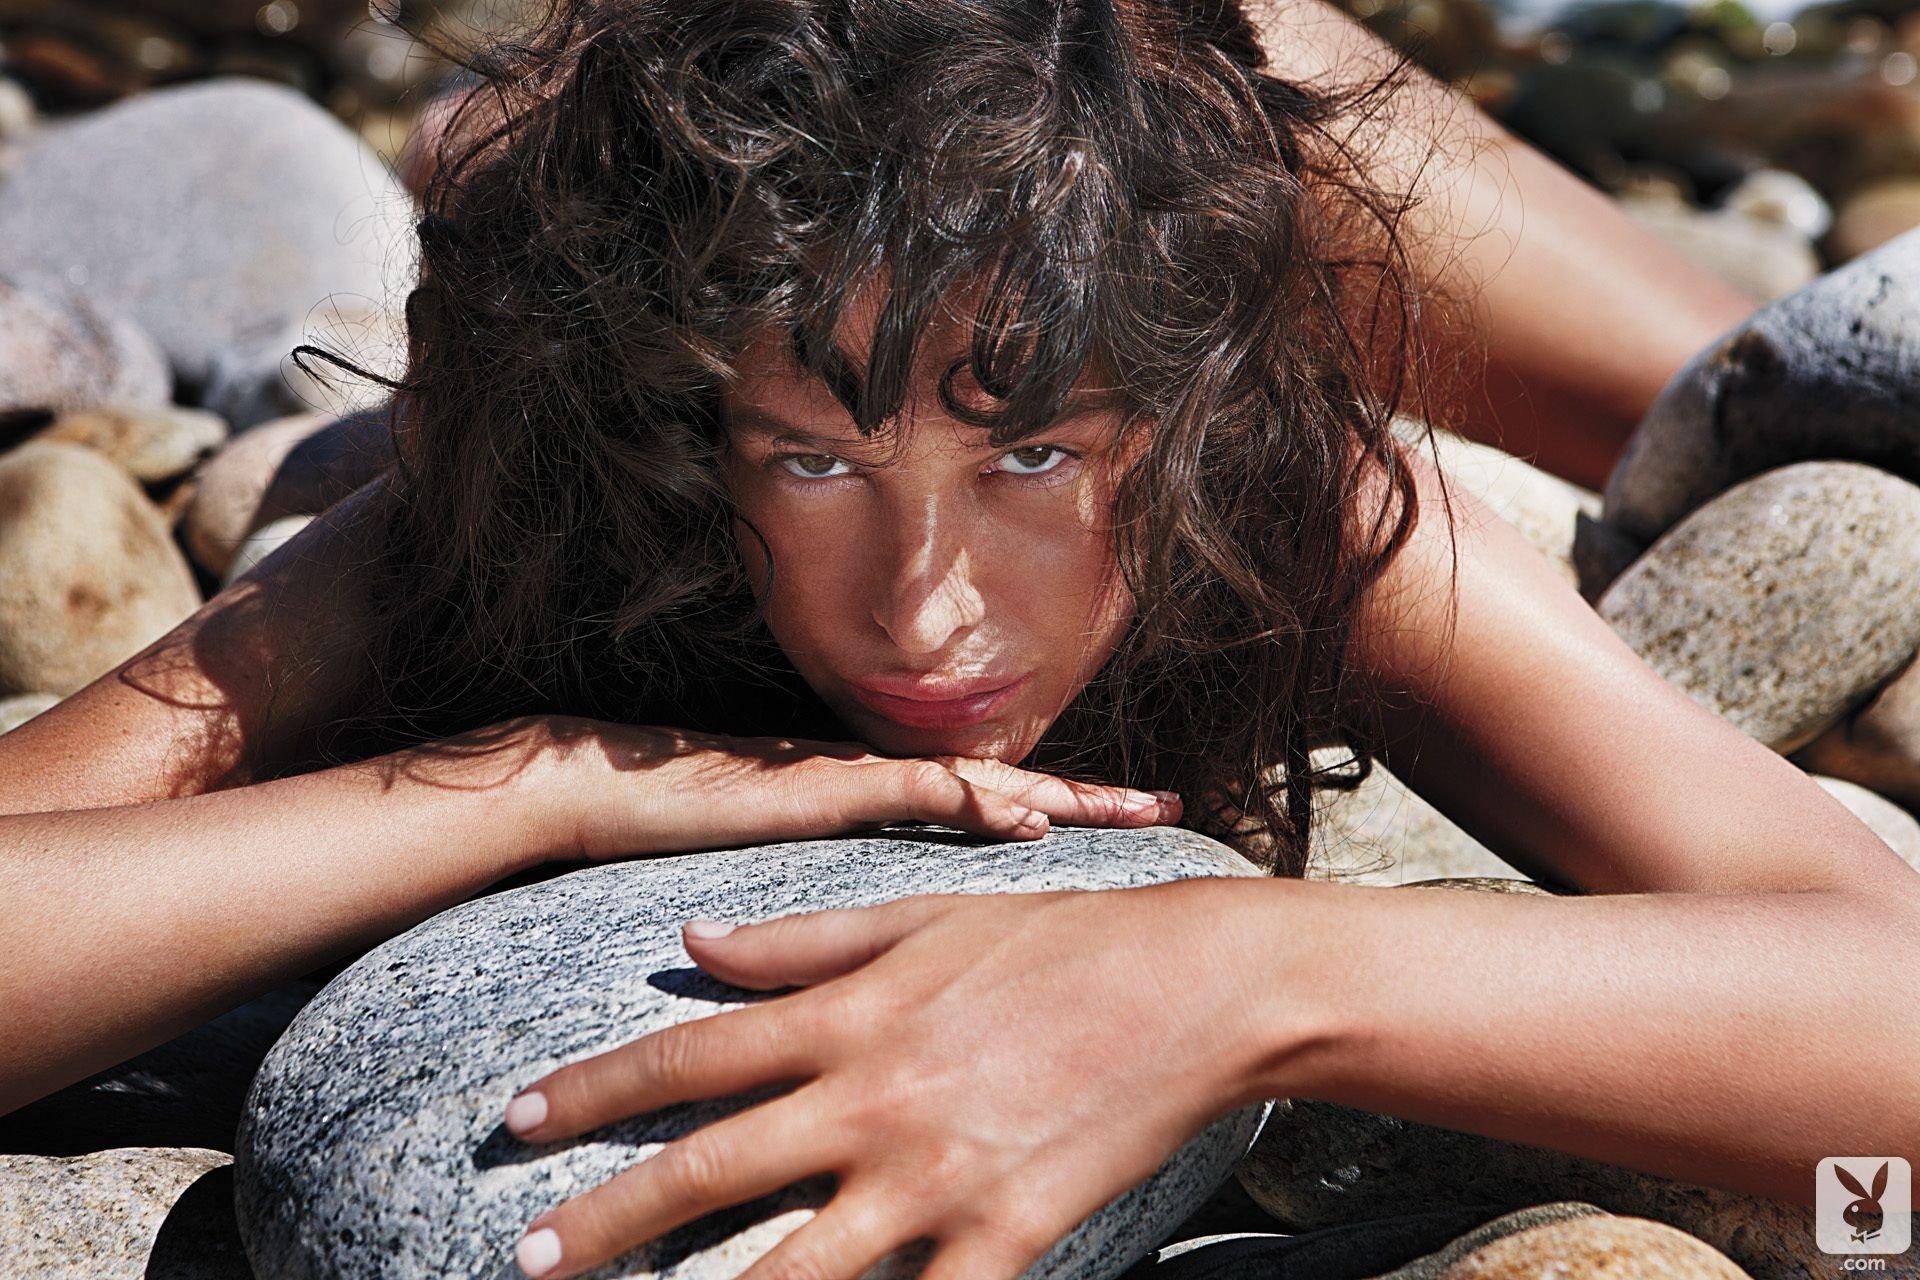 image Paz de la huerta nude nurse 3d 2013